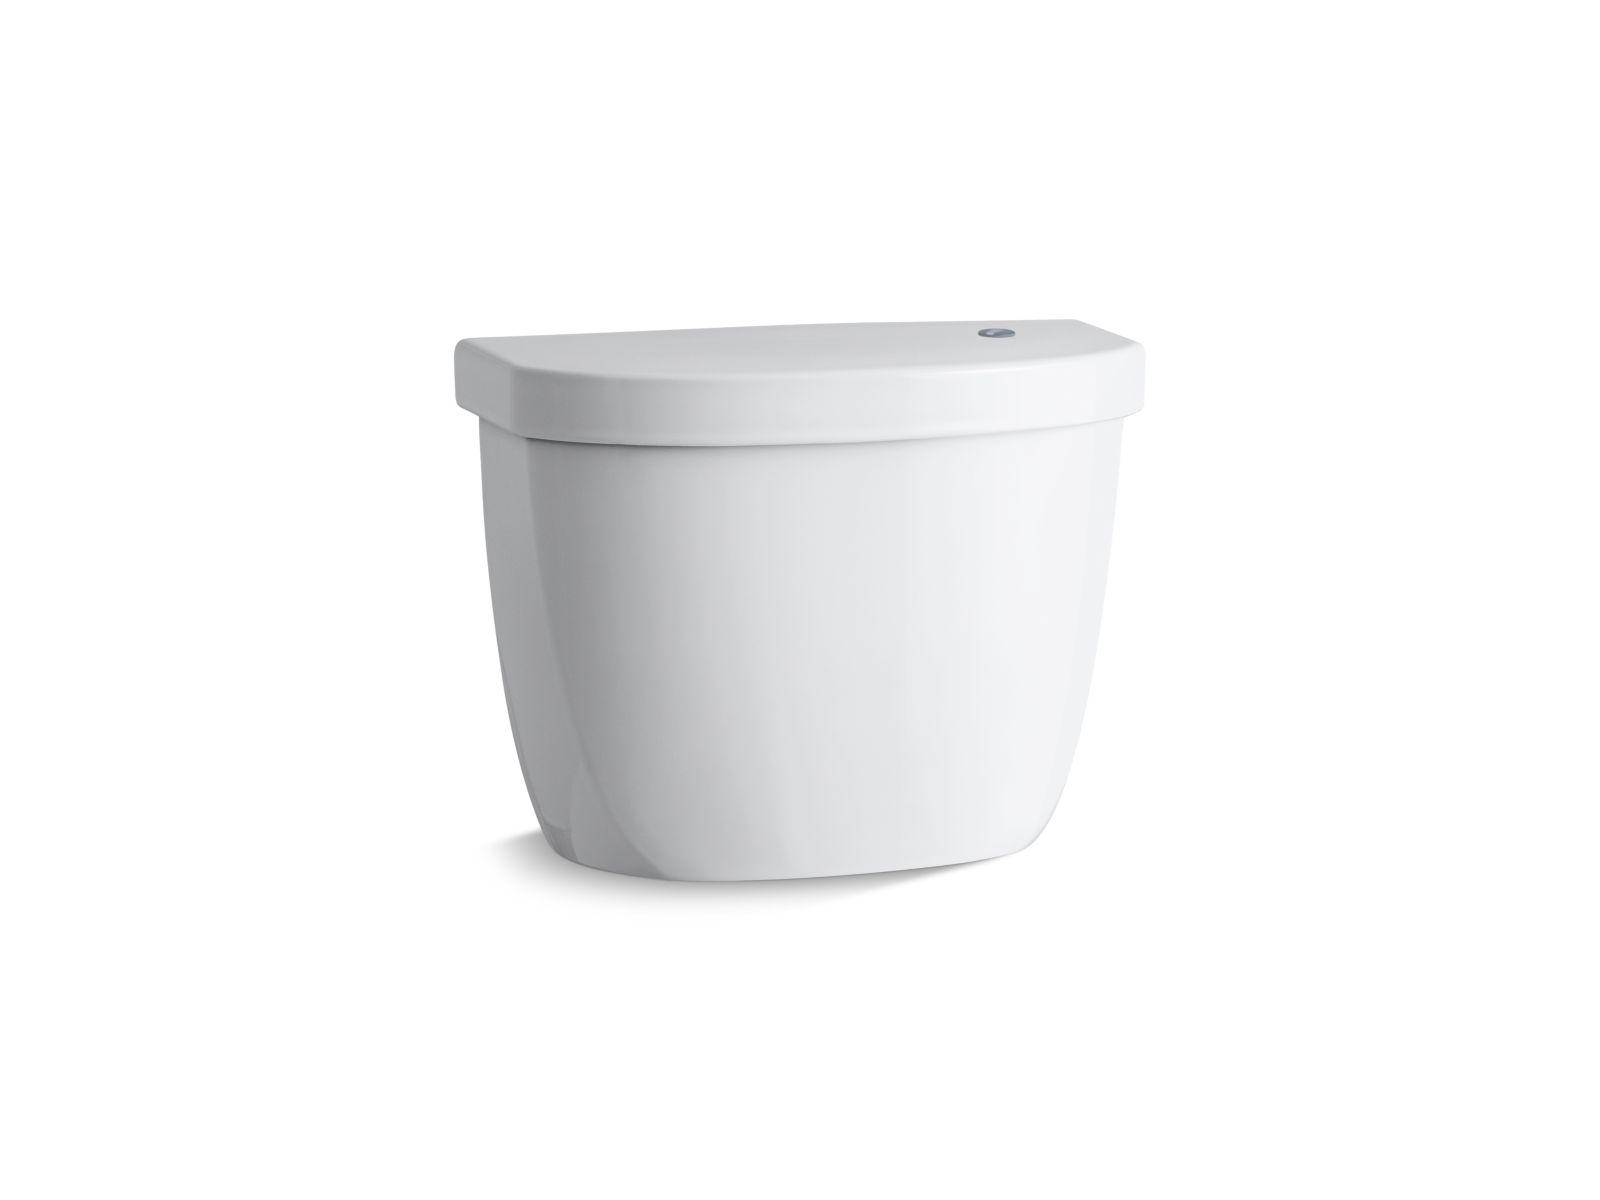 Kohler Cimarron® K-5692-0 tank for K-6418 elongated touchless toilet White